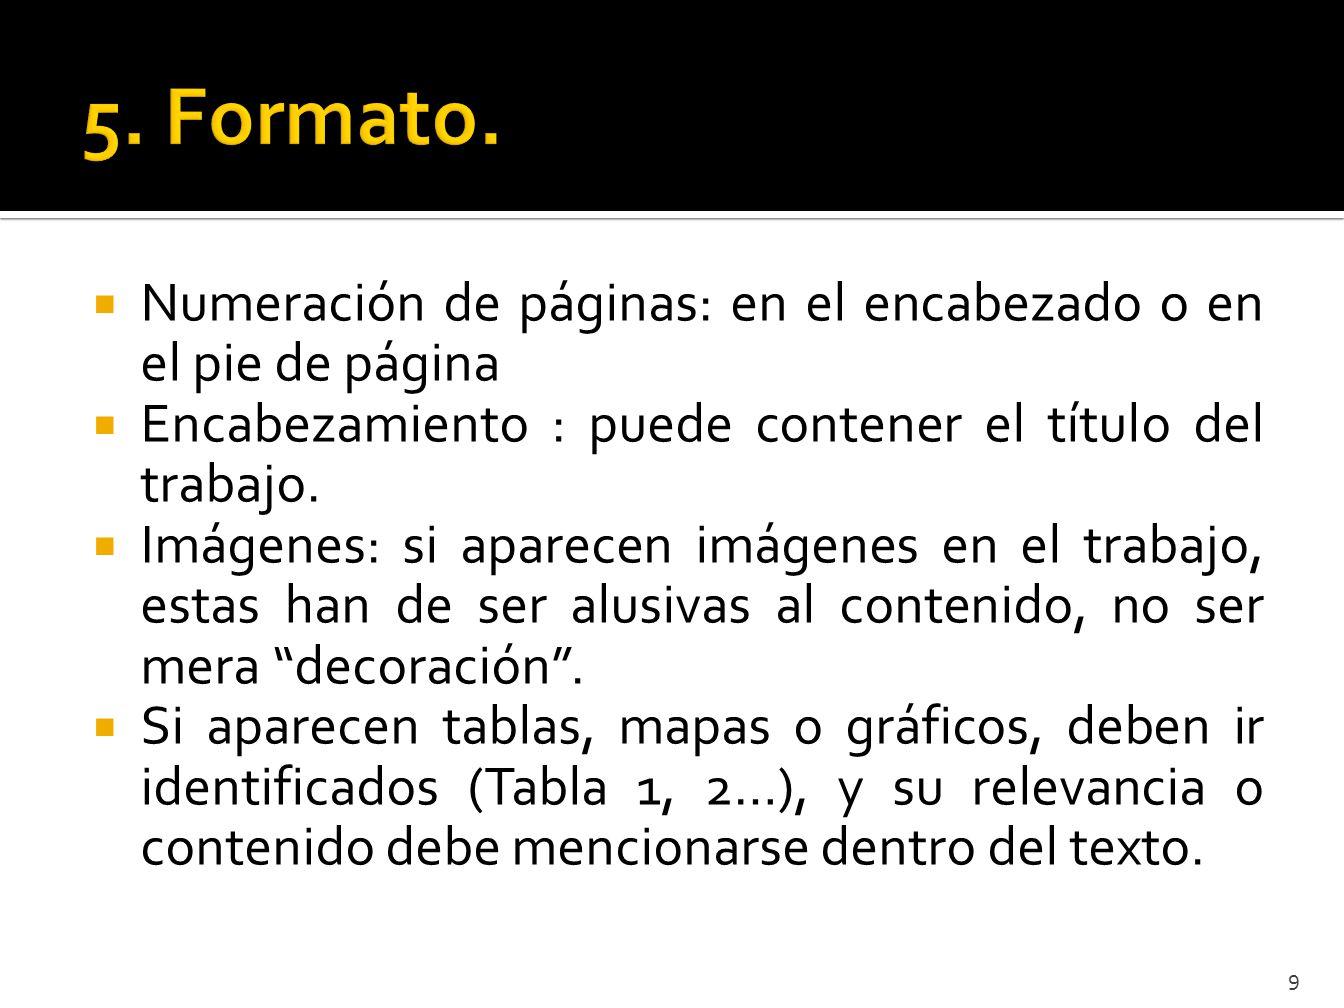 5. Formato. Numeración de páginas: en el encabezado o en el pie de página. Encabezamiento : puede contener el título del trabajo.